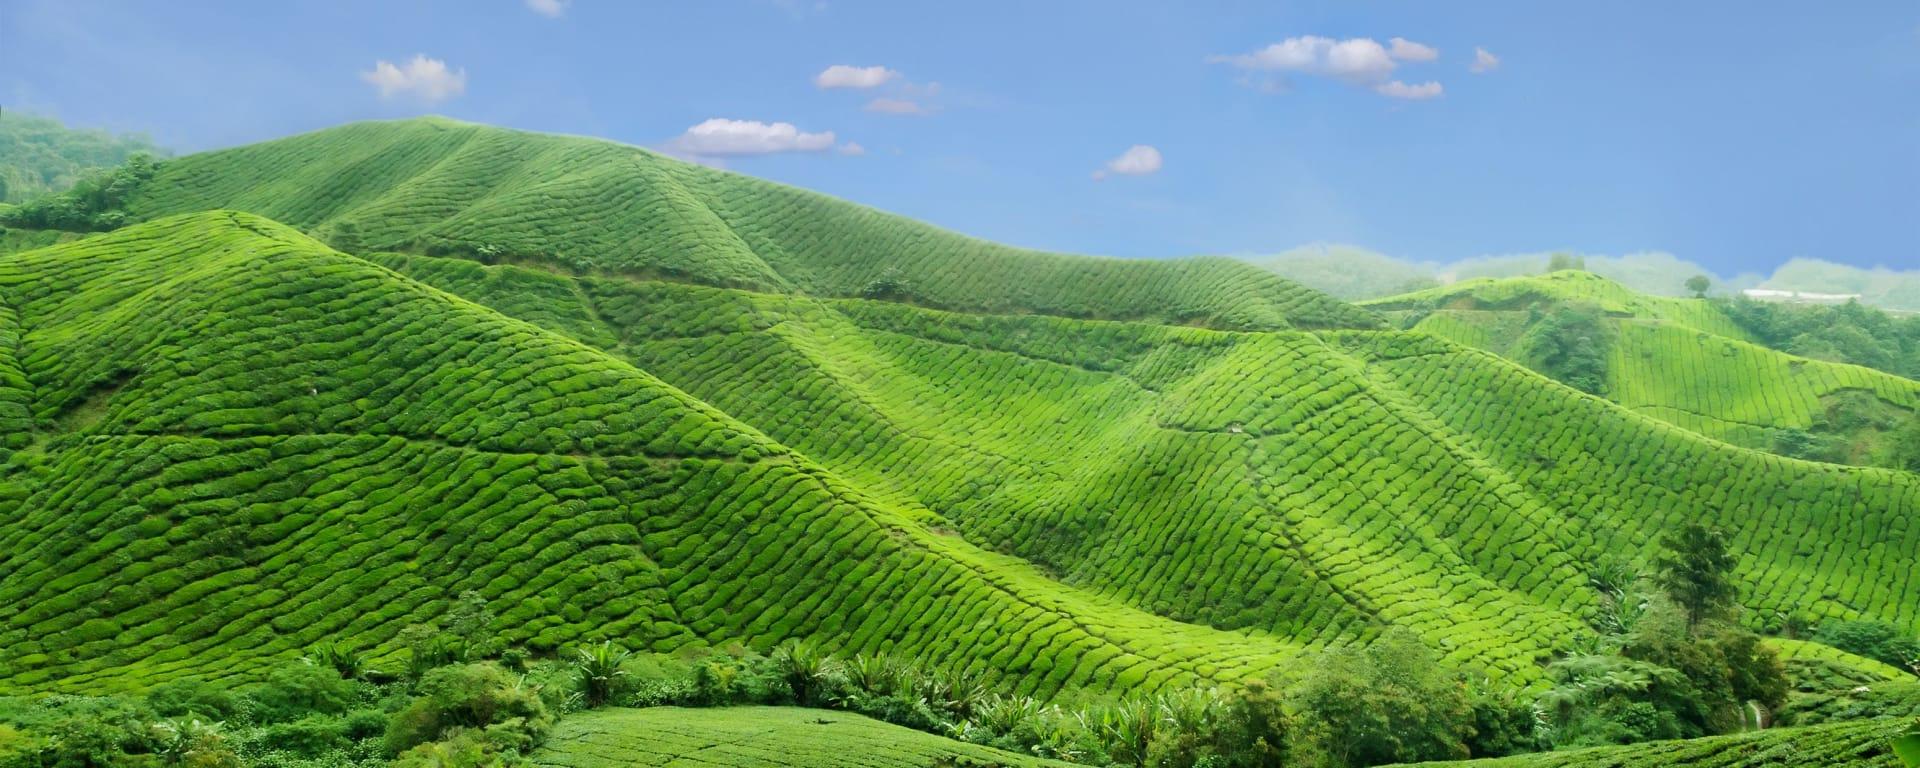 Malaysia entdecken mit Tischler Reisen: Malaysia Cameron Highlands Teeplantagen